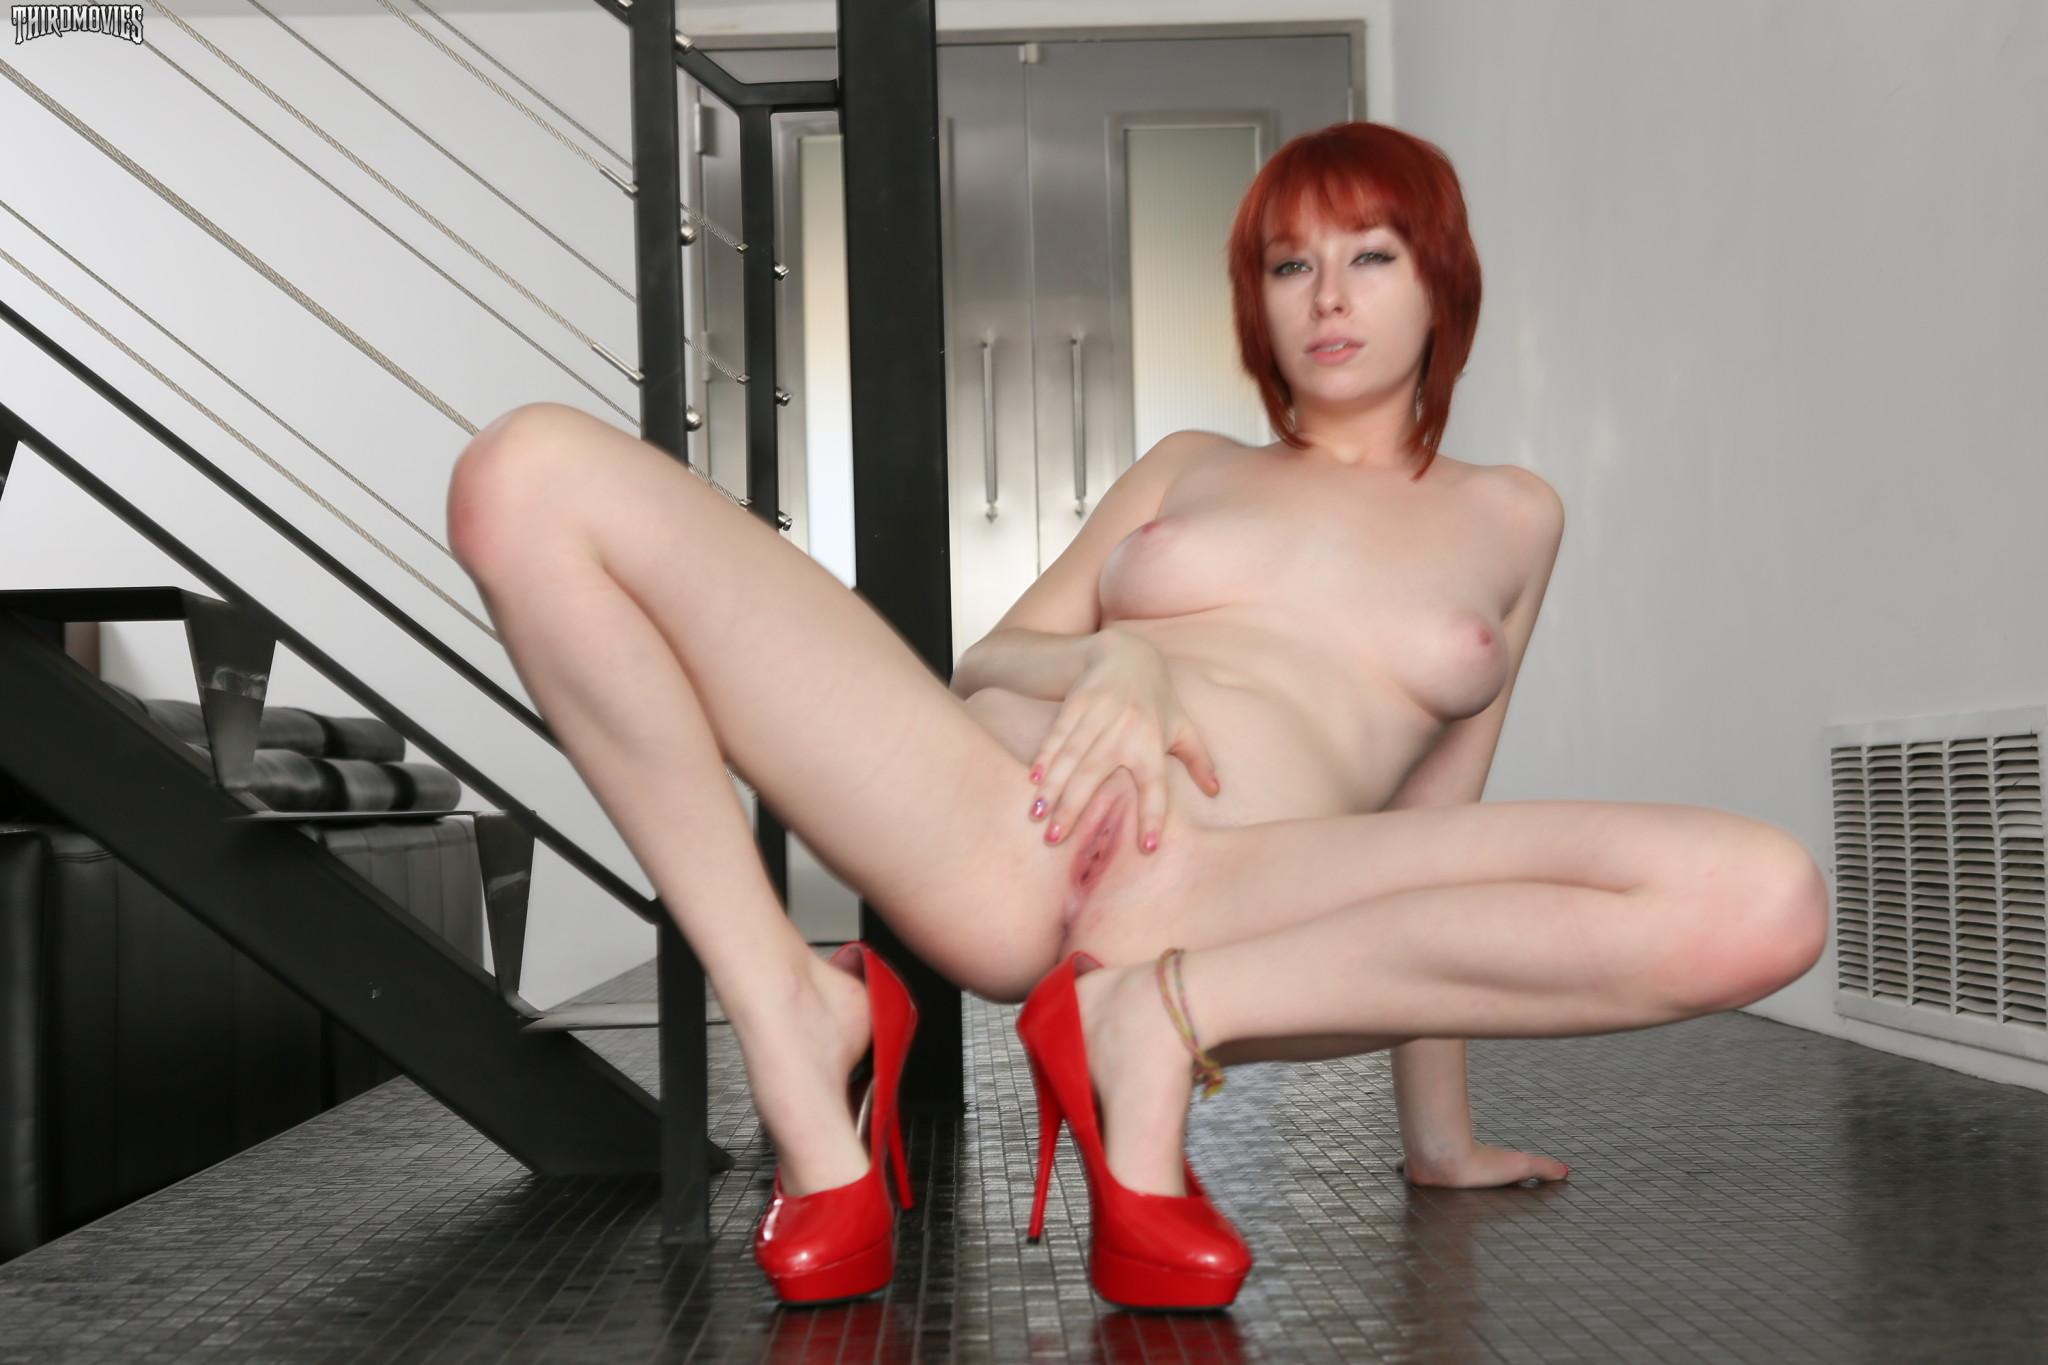 Голая пизда рыжей девушки на каблуках